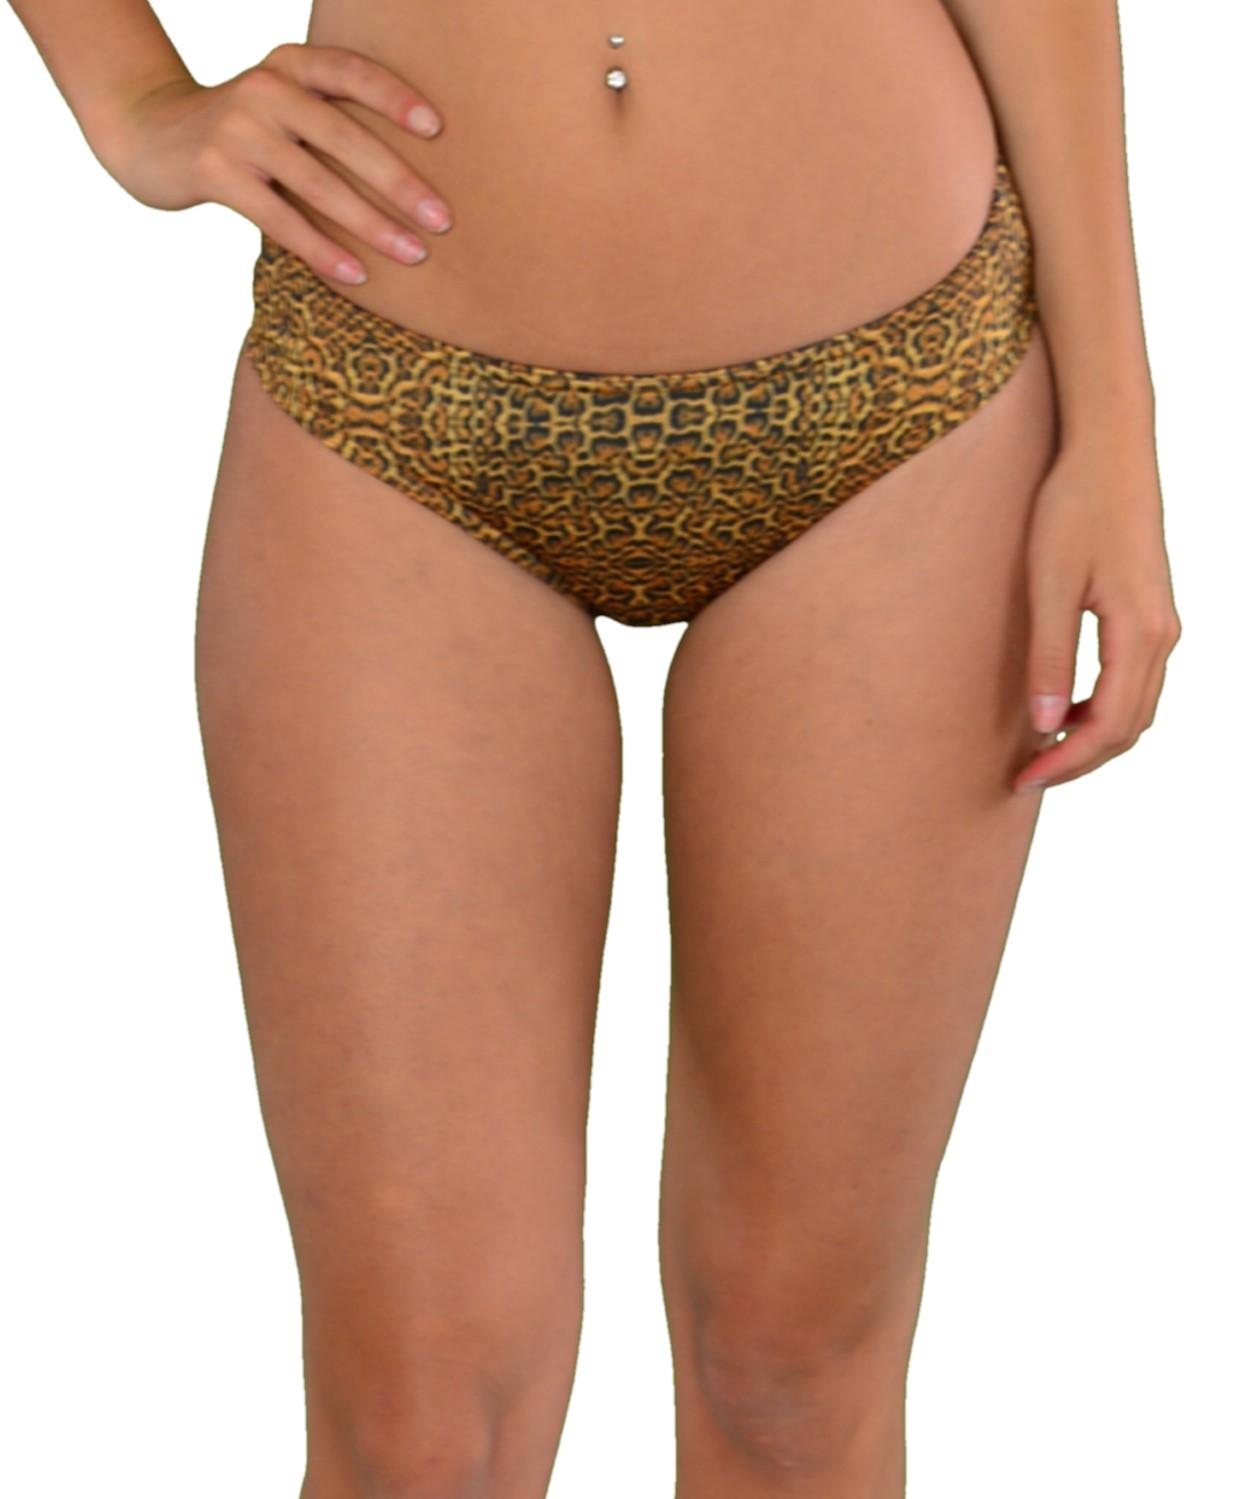 Γυναικεία   Παραλία   Μαγιό   Bikini   BIKINI SET TRIUMPH VENUS ... 535f56c3805